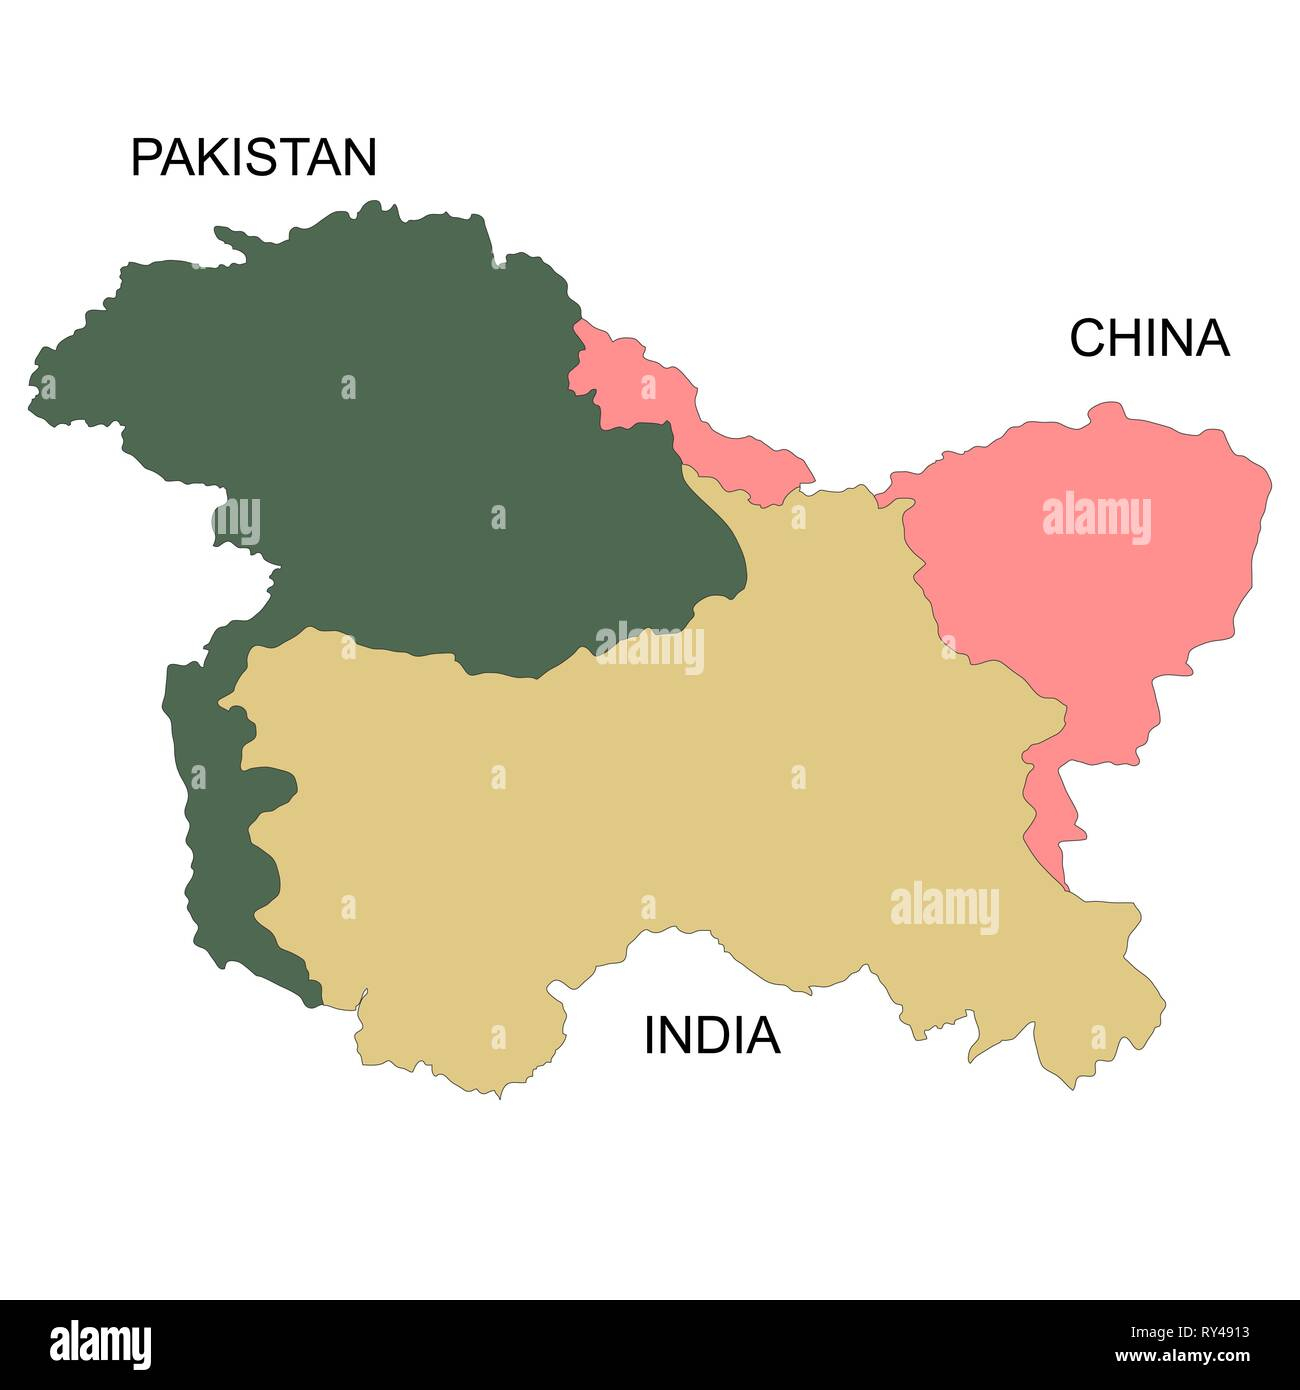 India Pakistan Border Map Stock Photos & India Pakistan